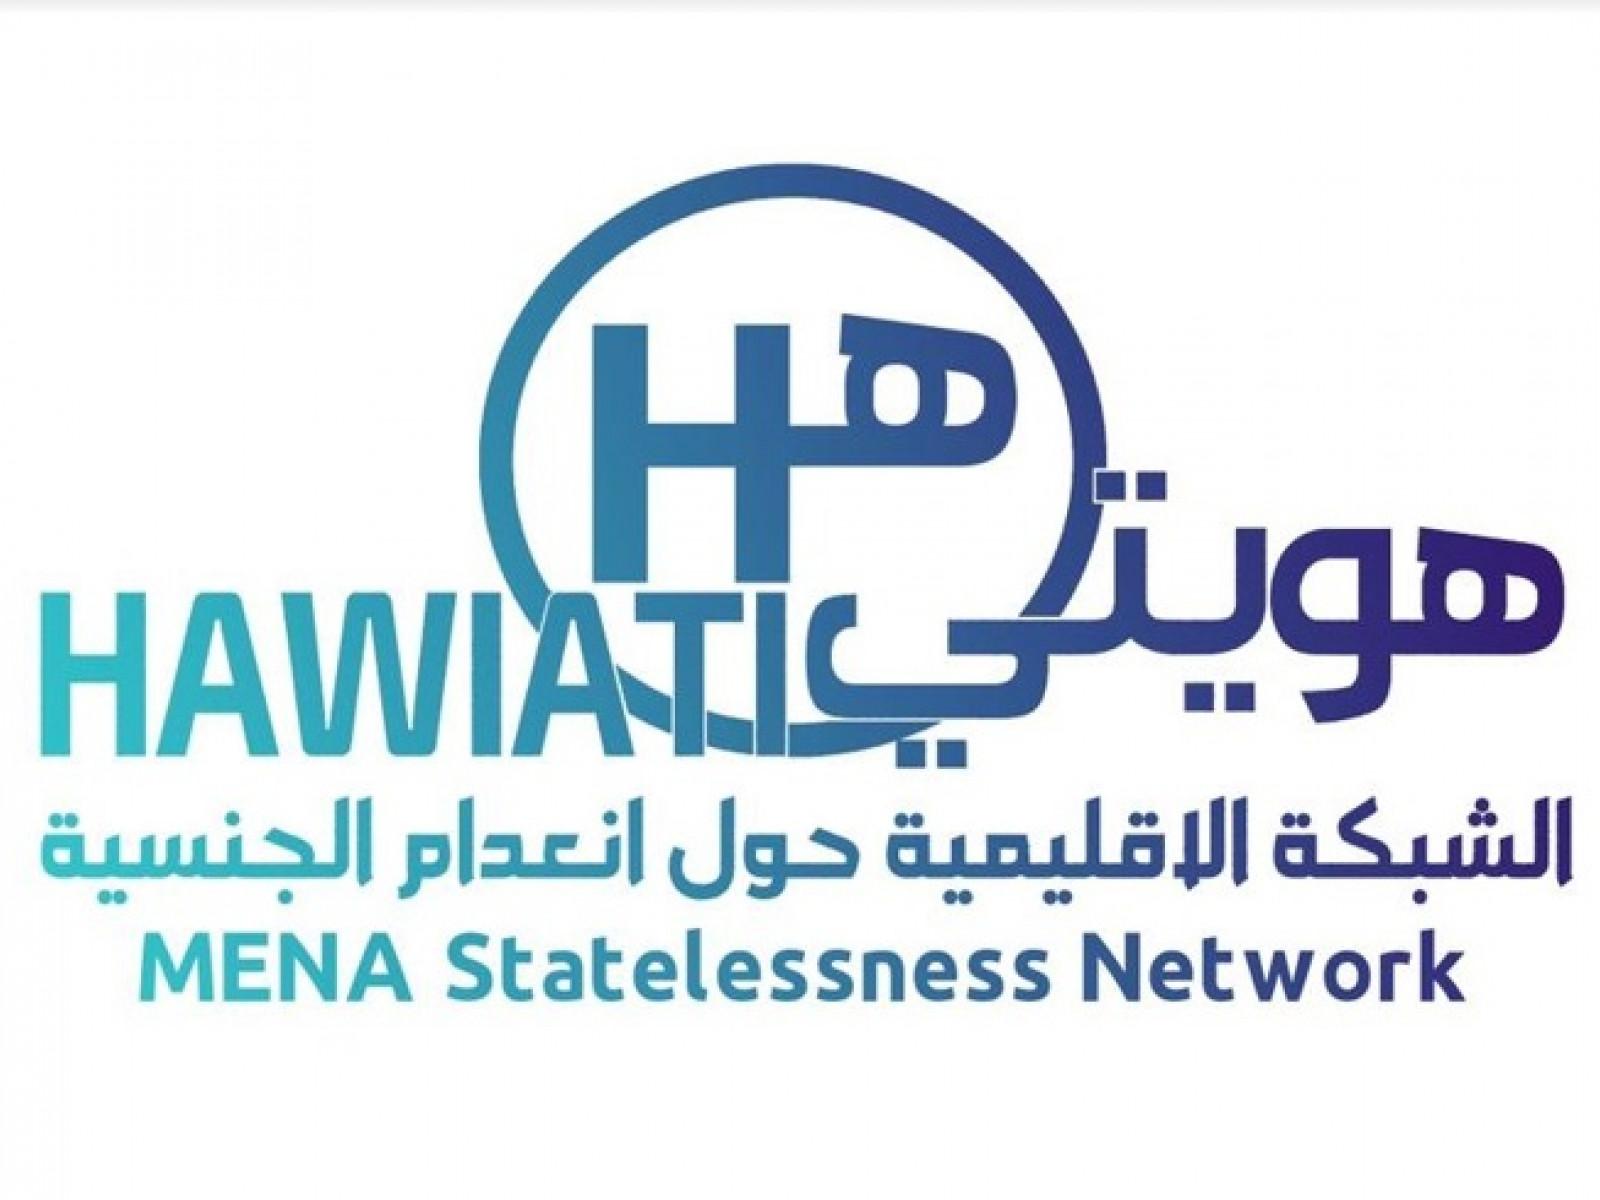 """""""هويّتي"""": شبكة للتضامن مع عديمي الجنسية في منطقة الشرق الأوسط وشمال إفريقيا"""